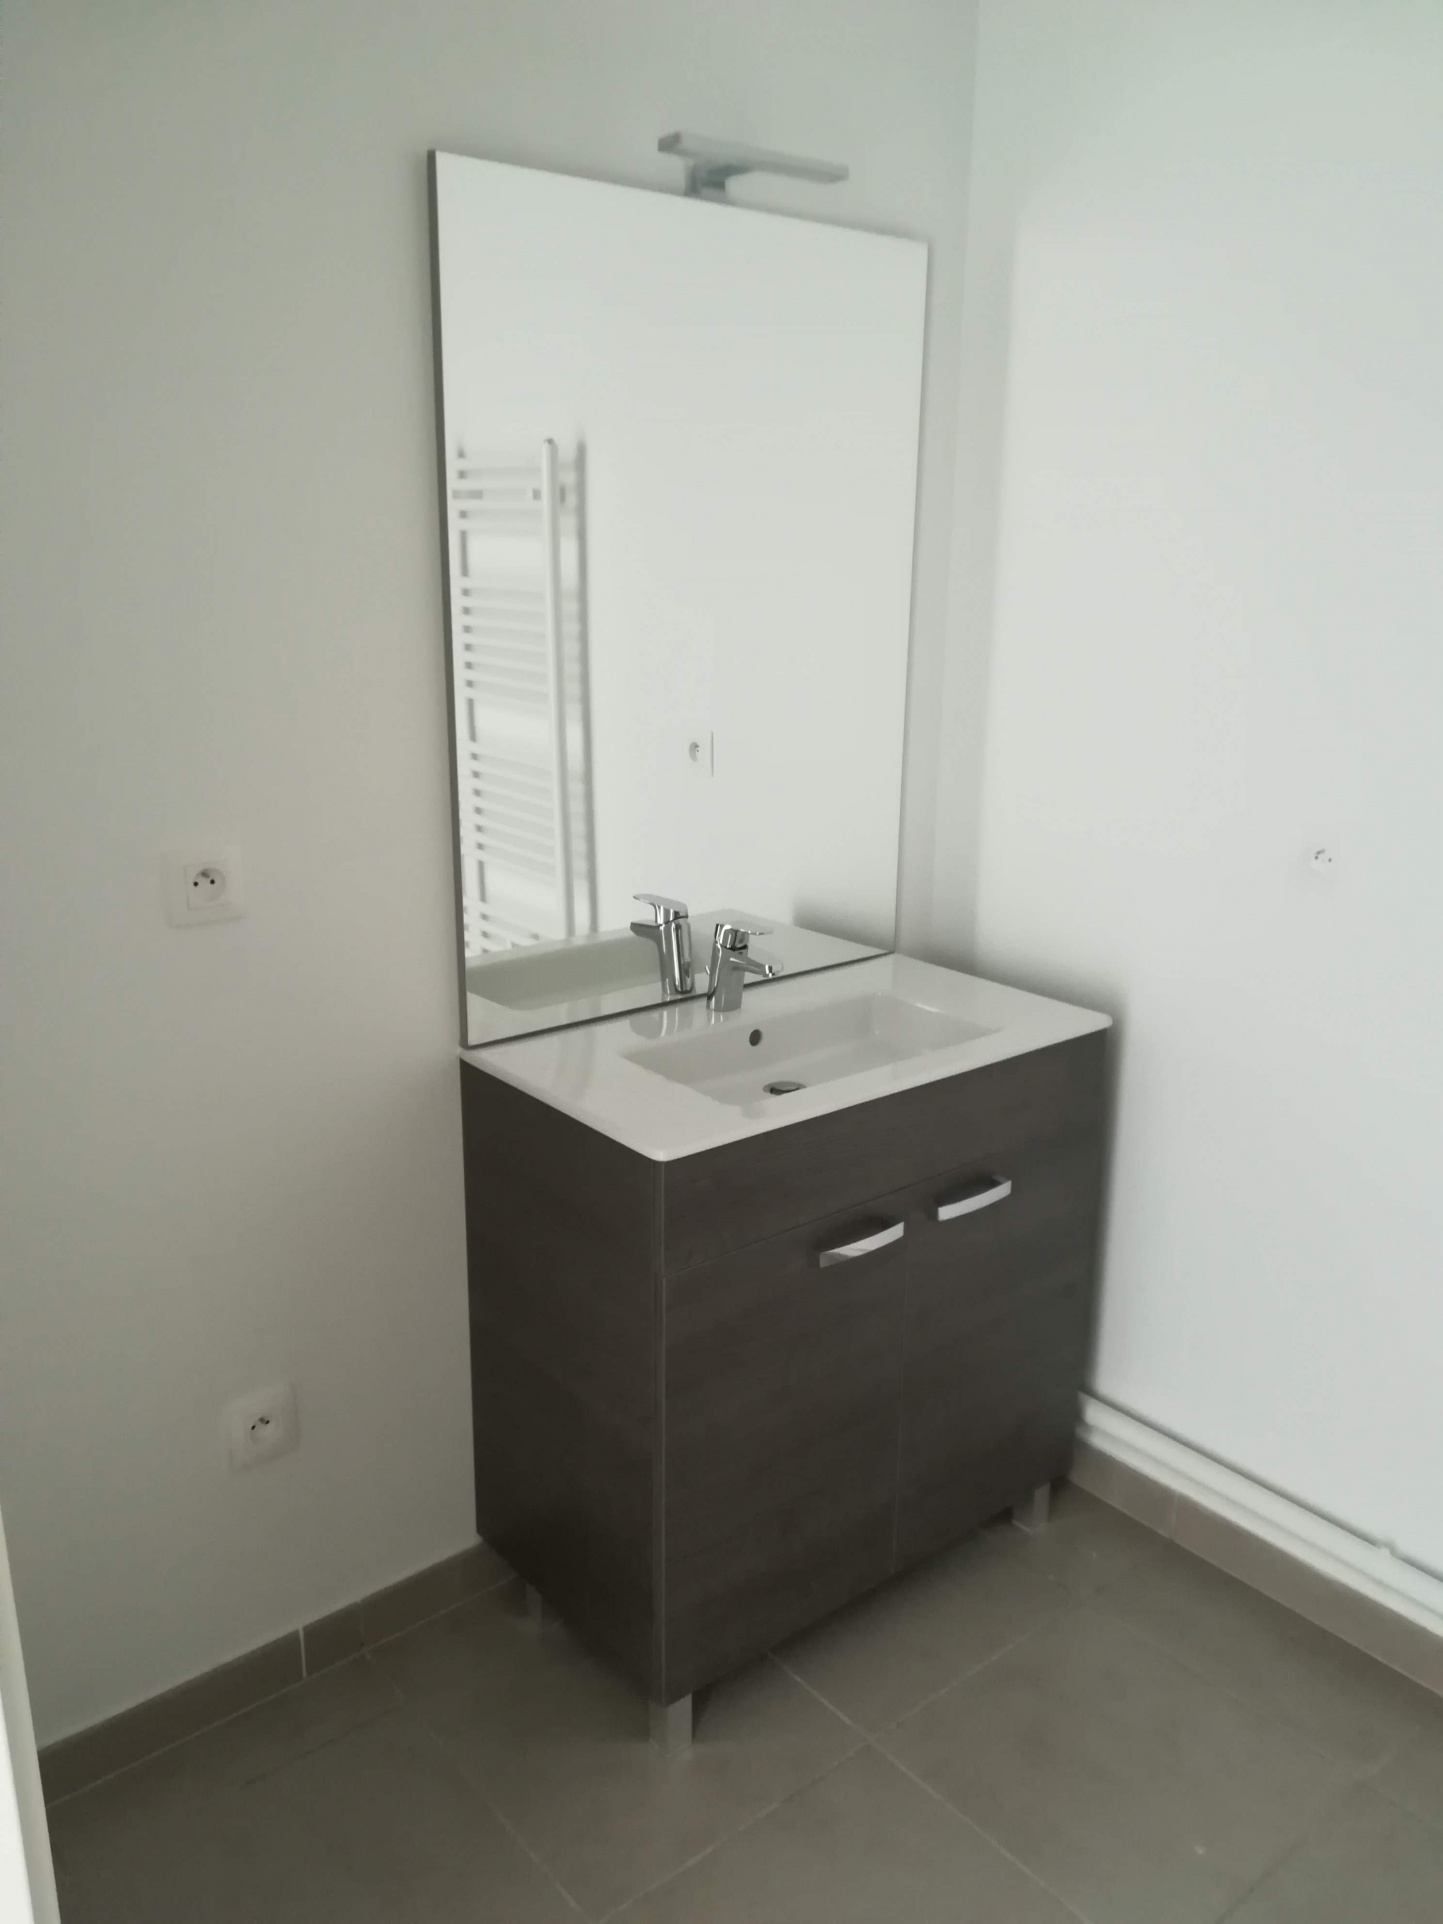 Location Appartement 3 Pieces De 60 85 M A Villenave D Ornon